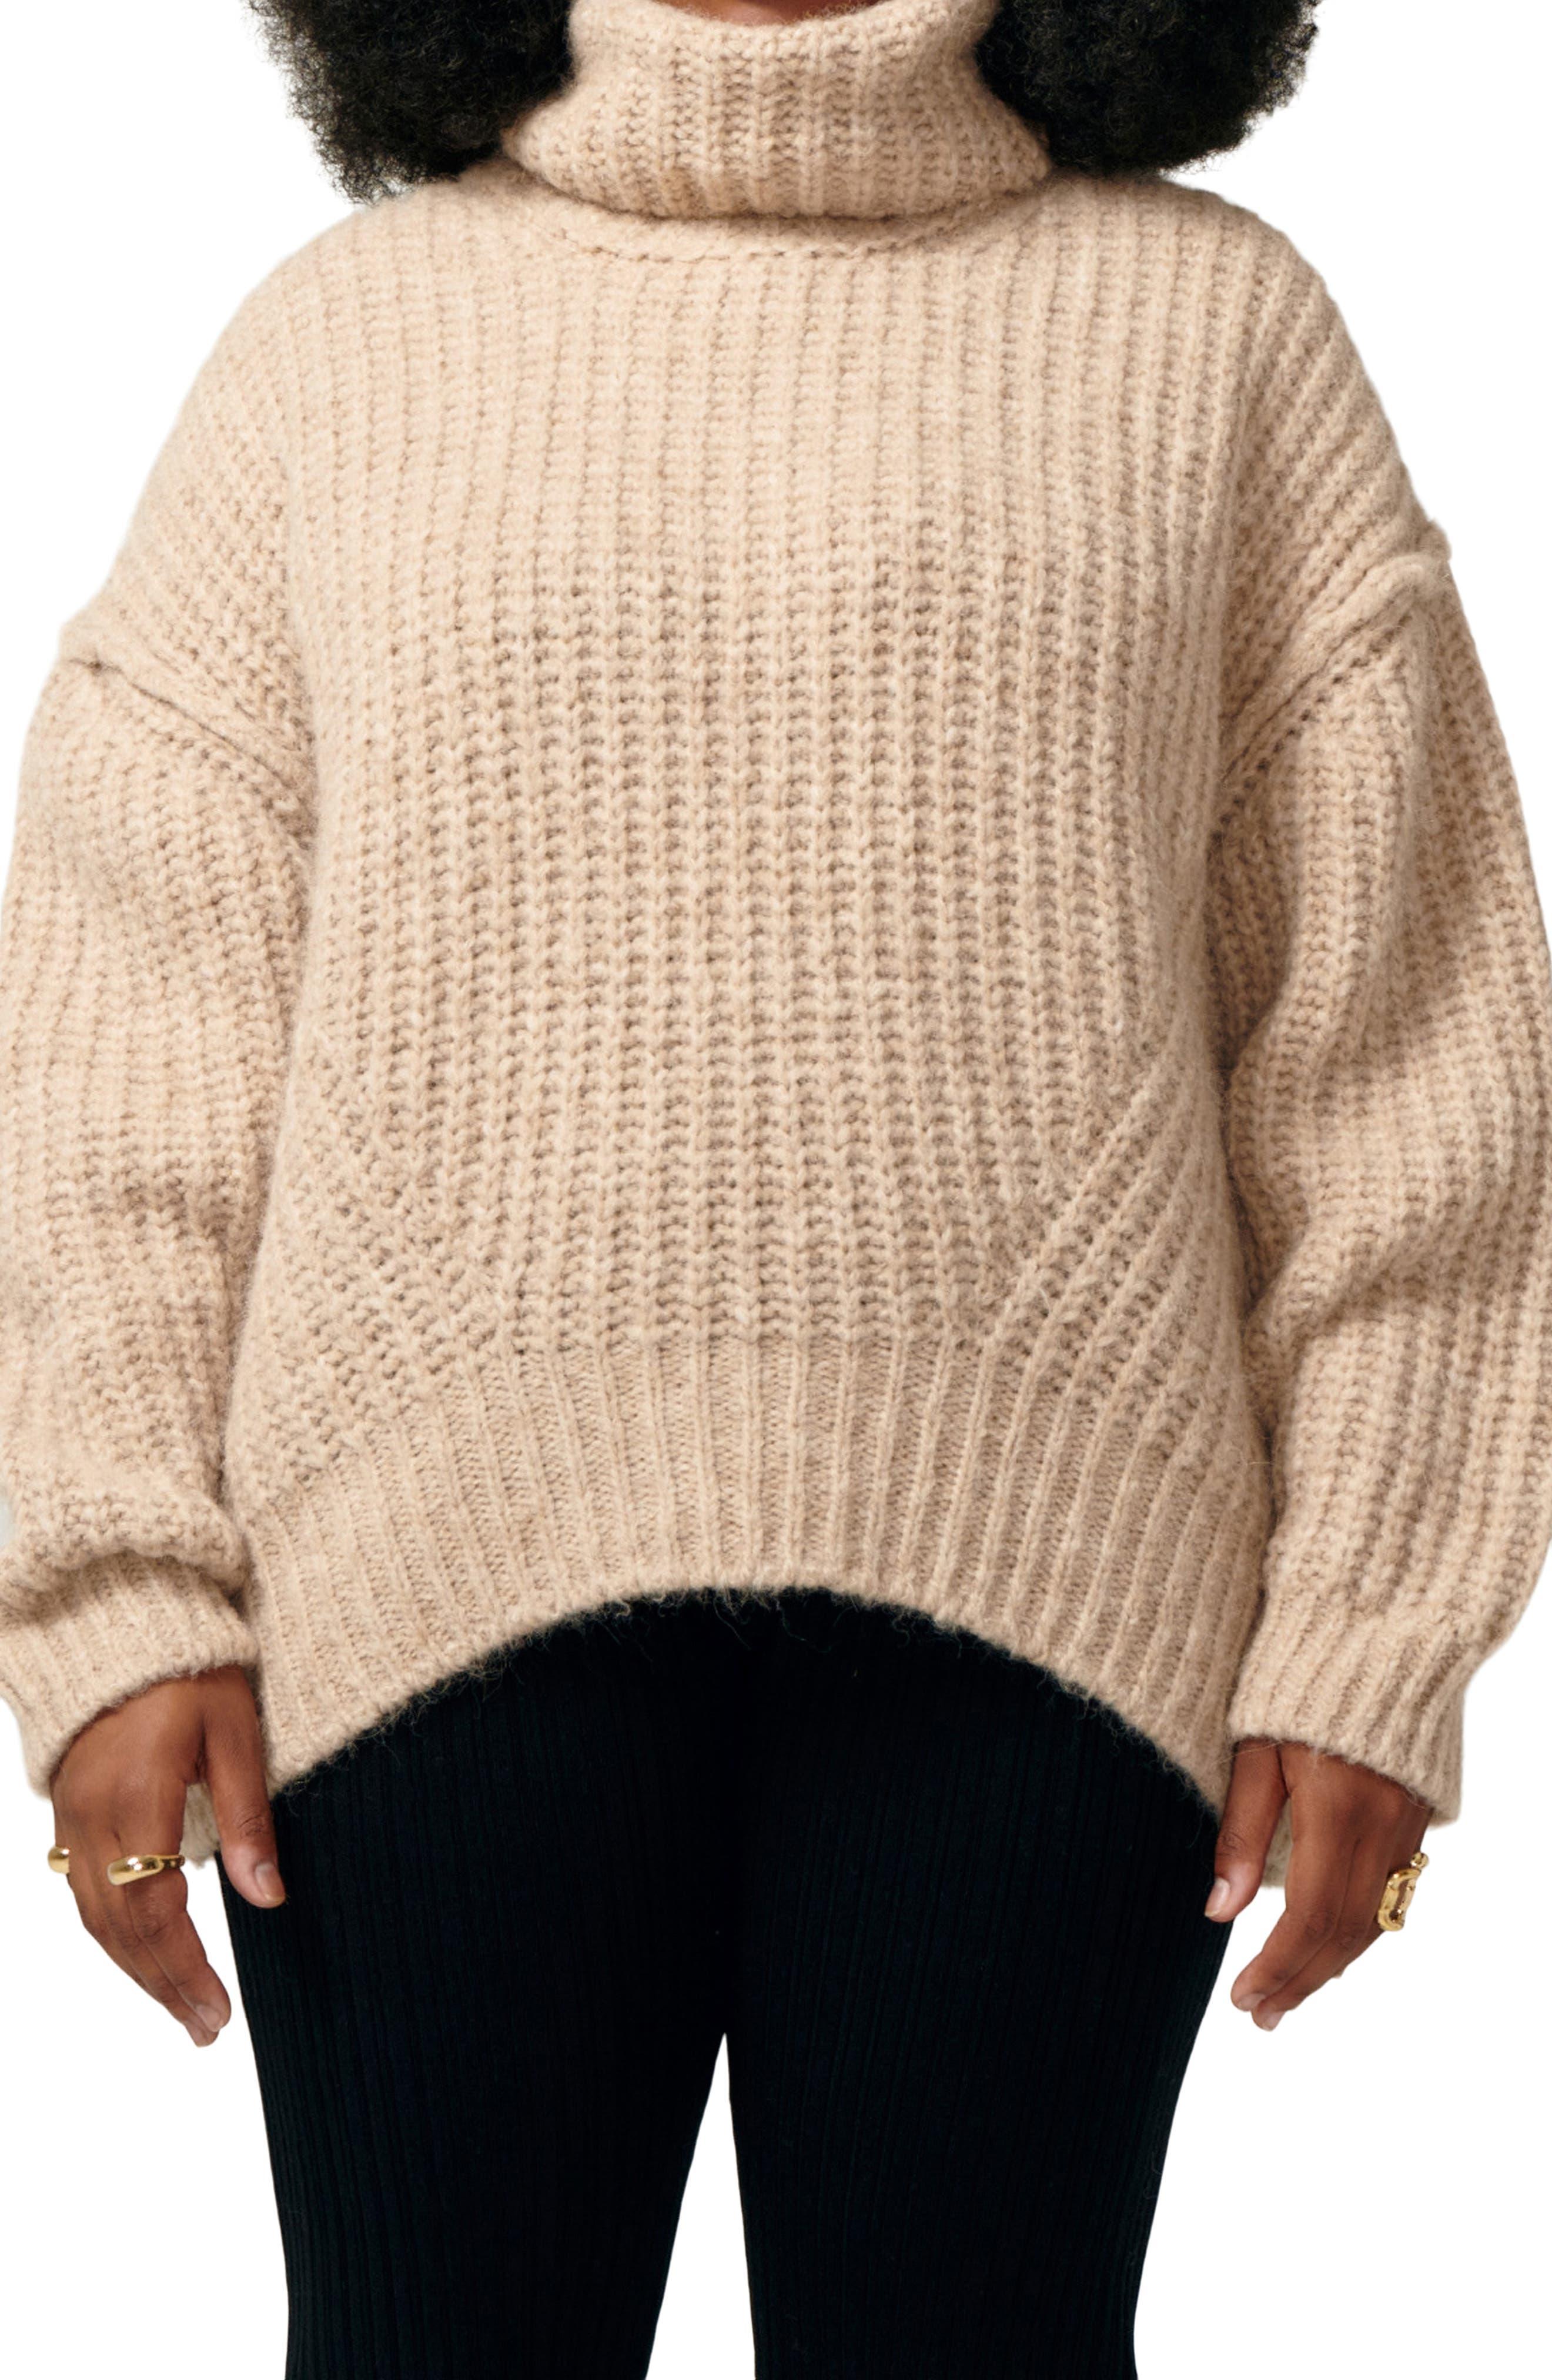 A Heaven Turtleneck Sweater